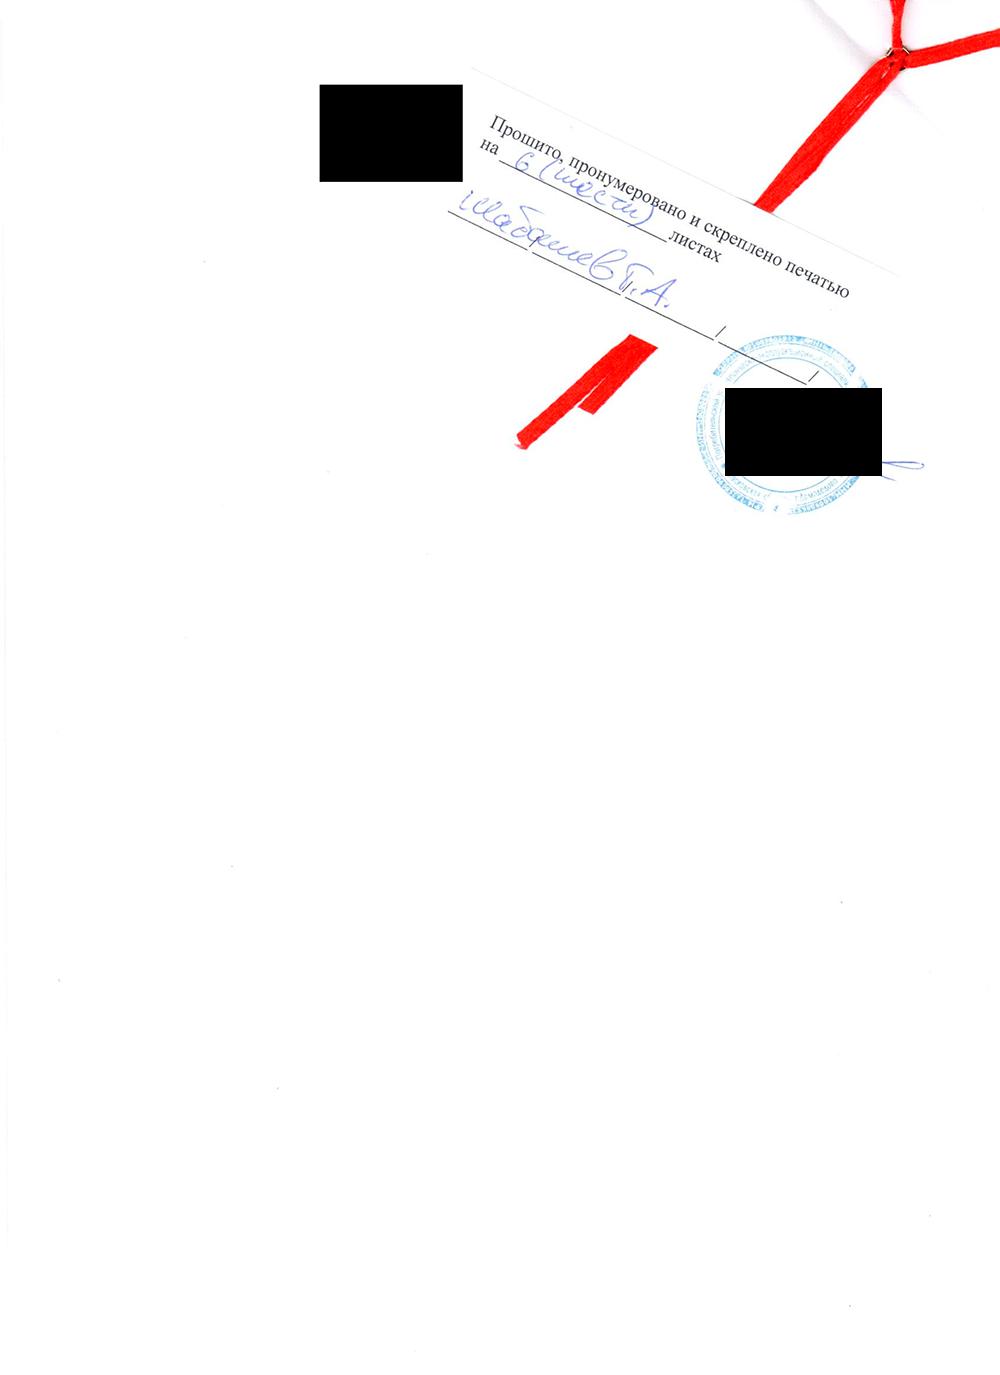 Так выглядит договор с кооперативом на покупку пая коммуникаций в поселке: здесь указывается перечень и стоимость коммуникаций